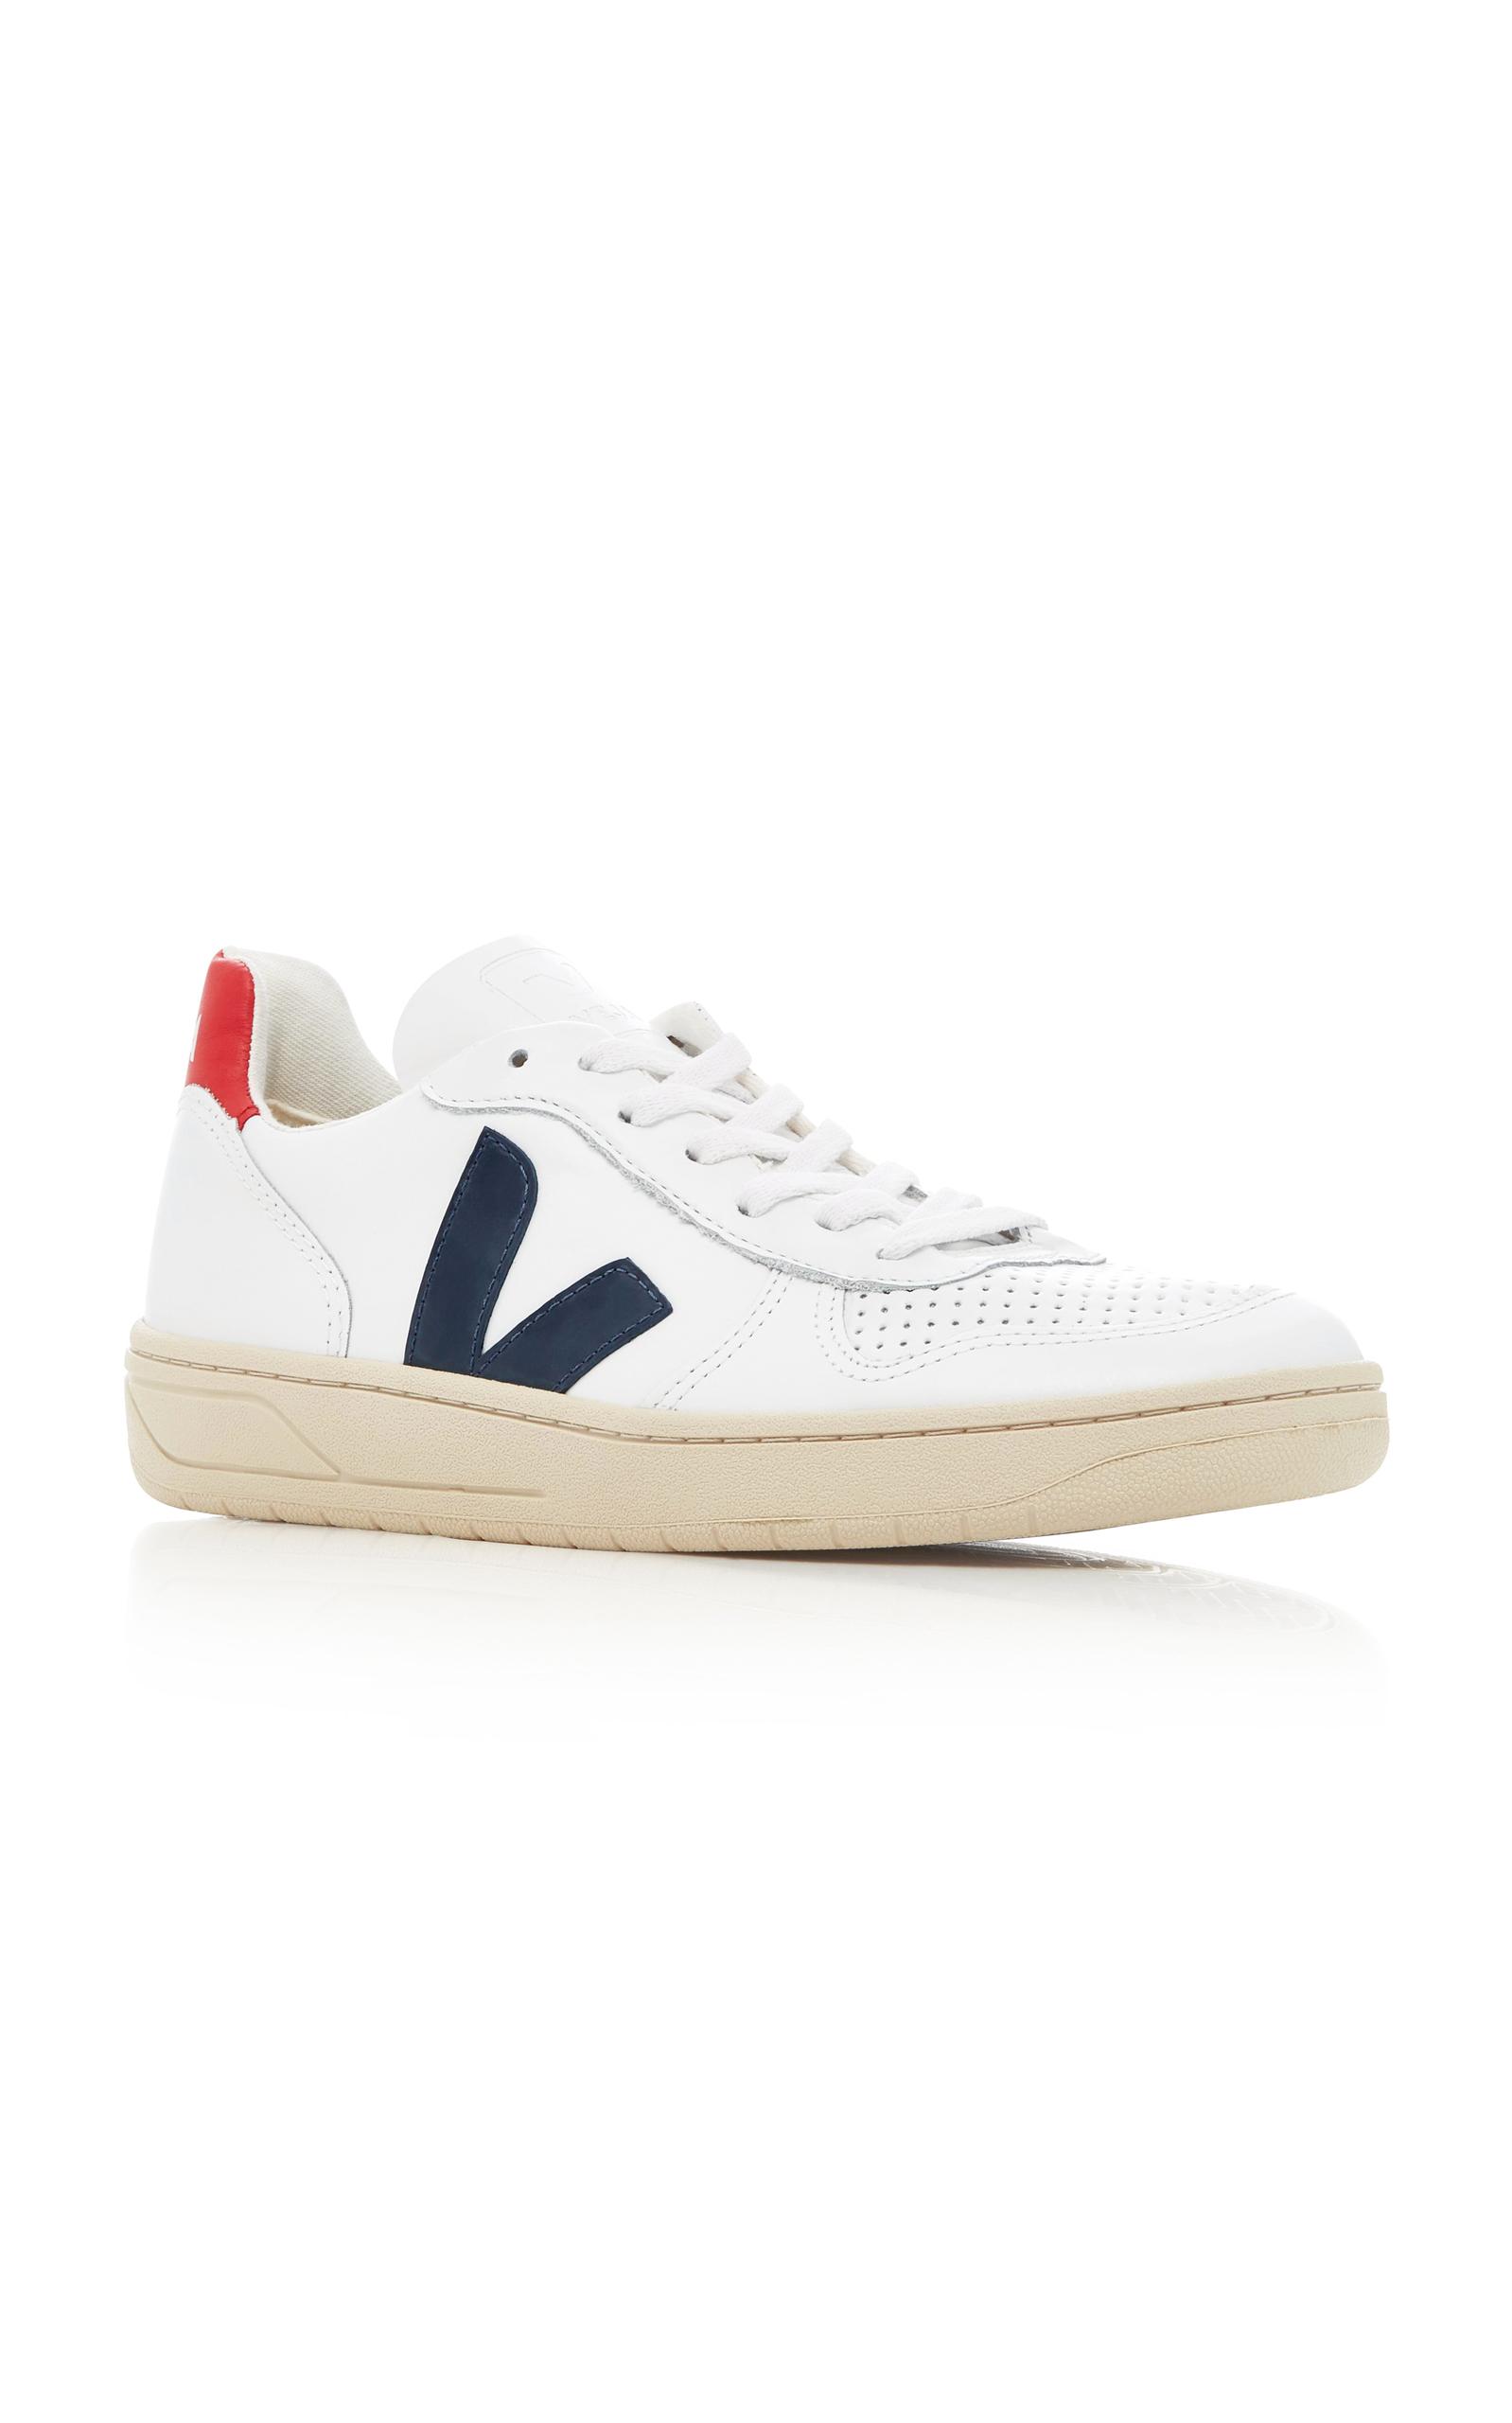 Veja V10 Nautico Leather Sneakers In White